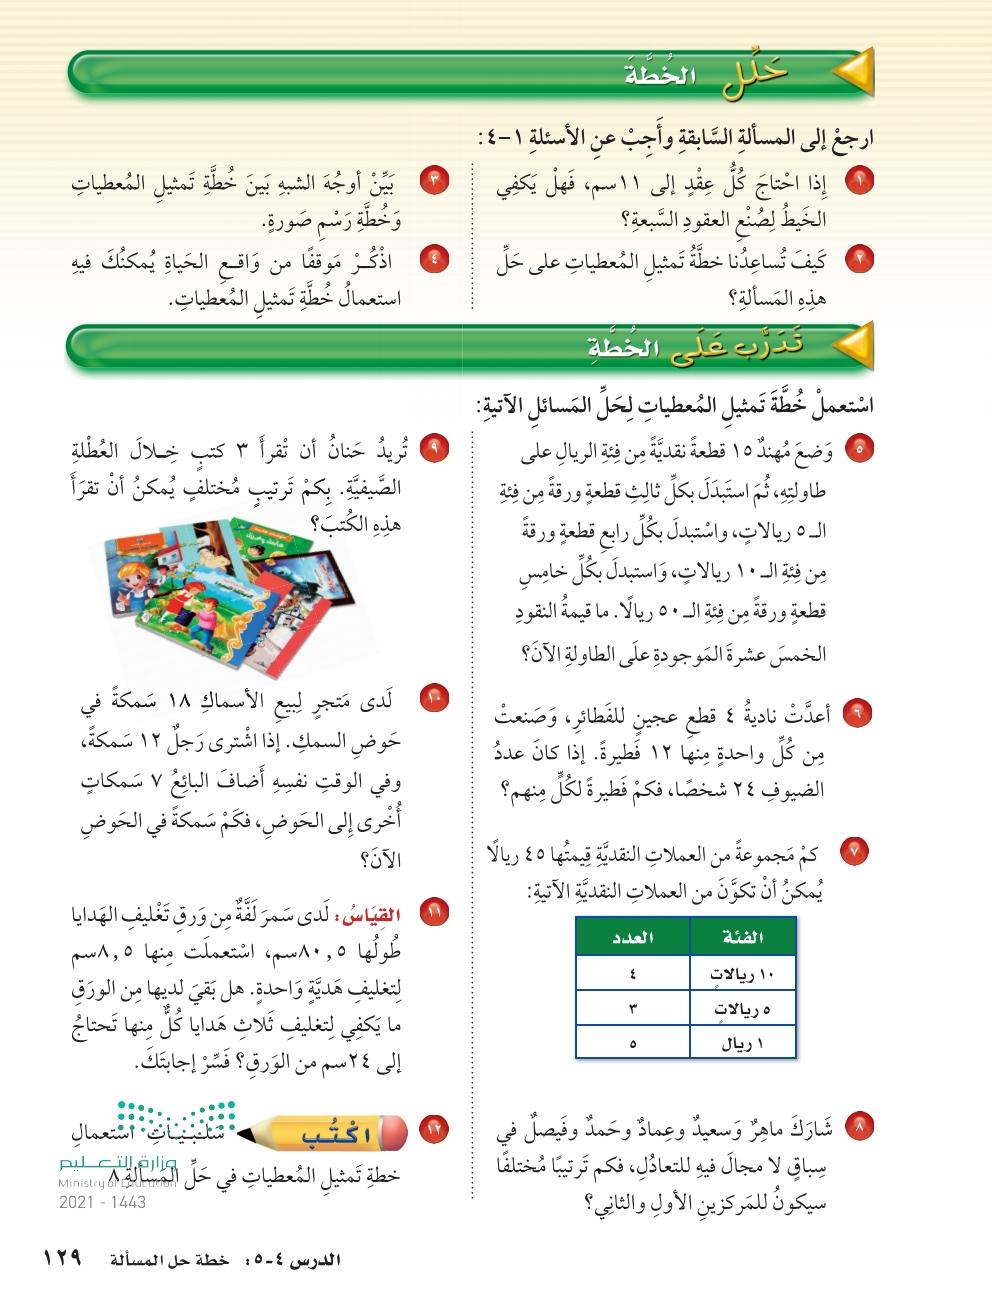 4-5 خطة حل المسألة